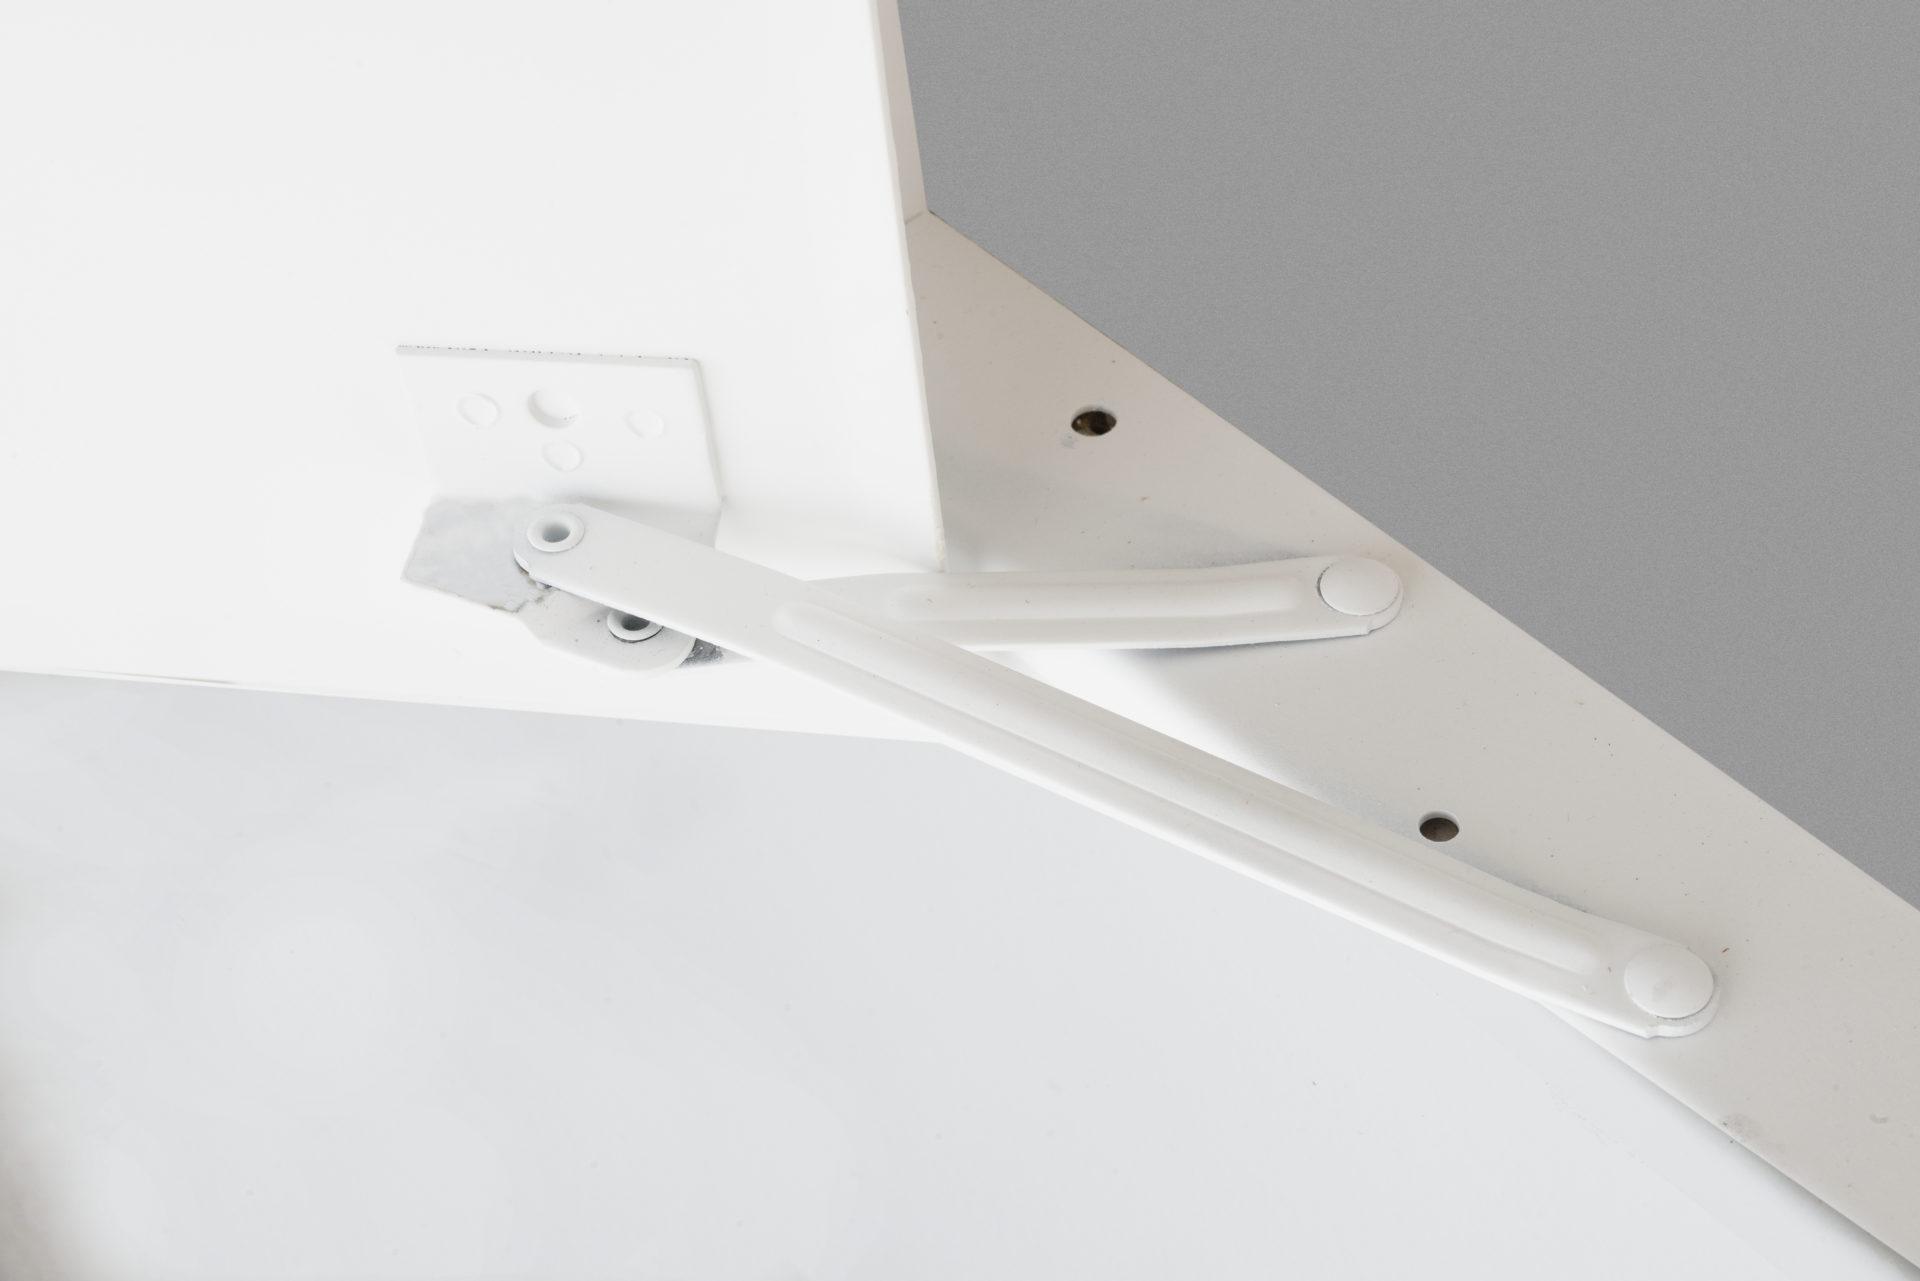 Cabinet multifonctionnel avec fenêtre en Plexiglas et cadre dissimulé, loquet à tournevis, charnière de type pantographe